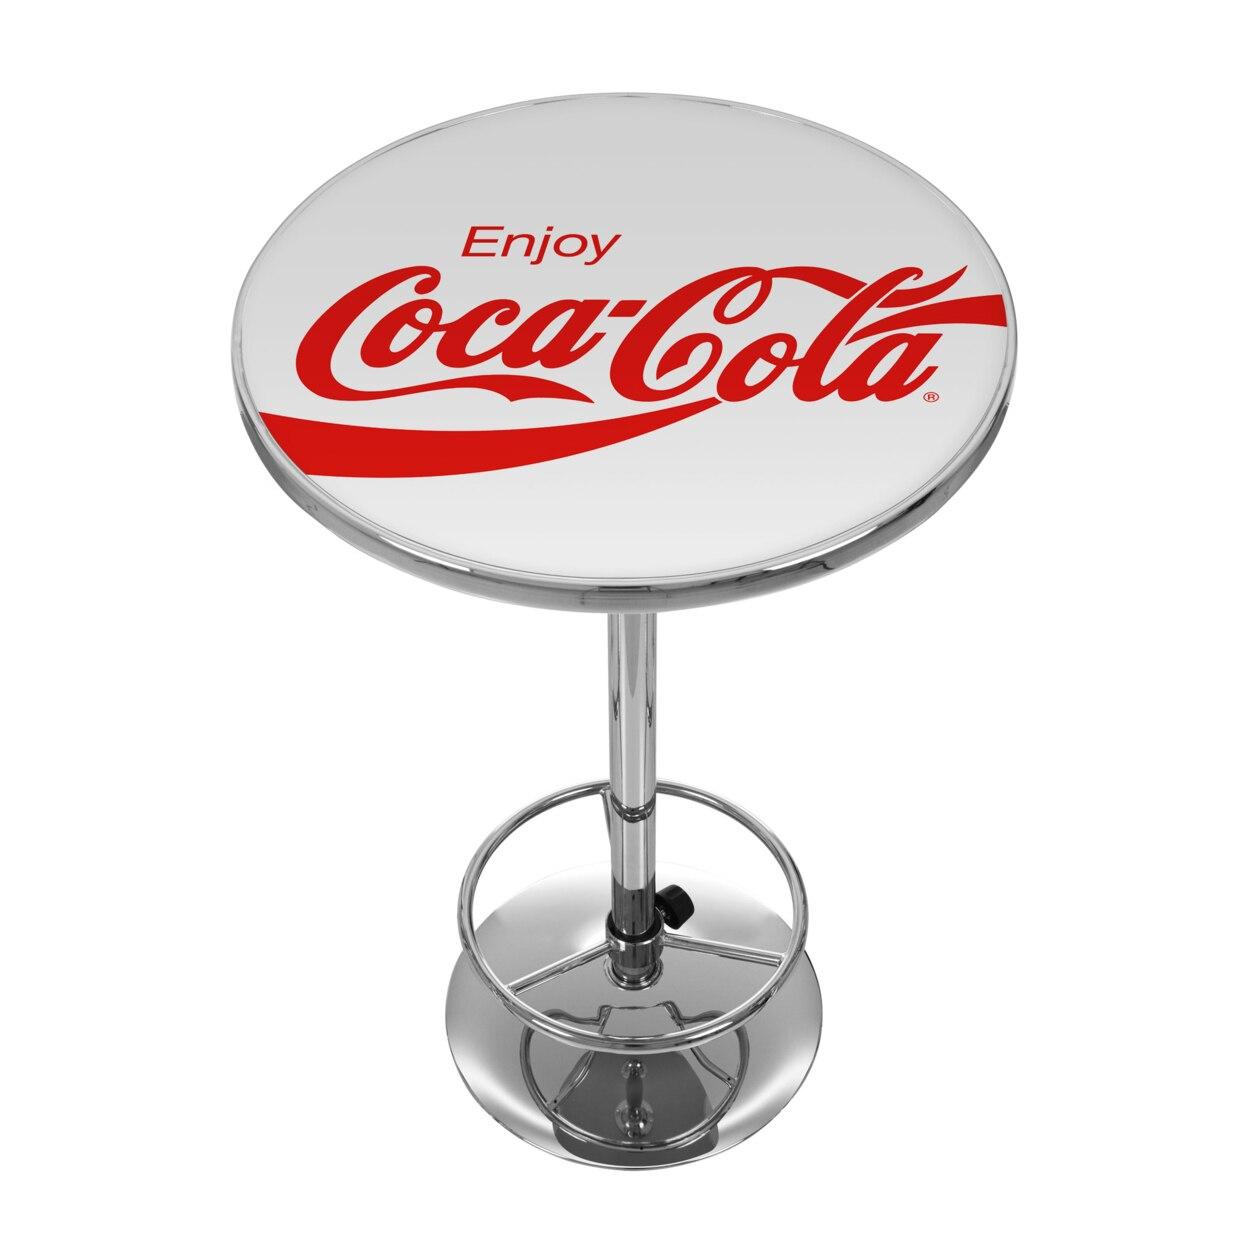 цена Enjoy Coke White 42 Inch Pub Table онлайн в 2017 году